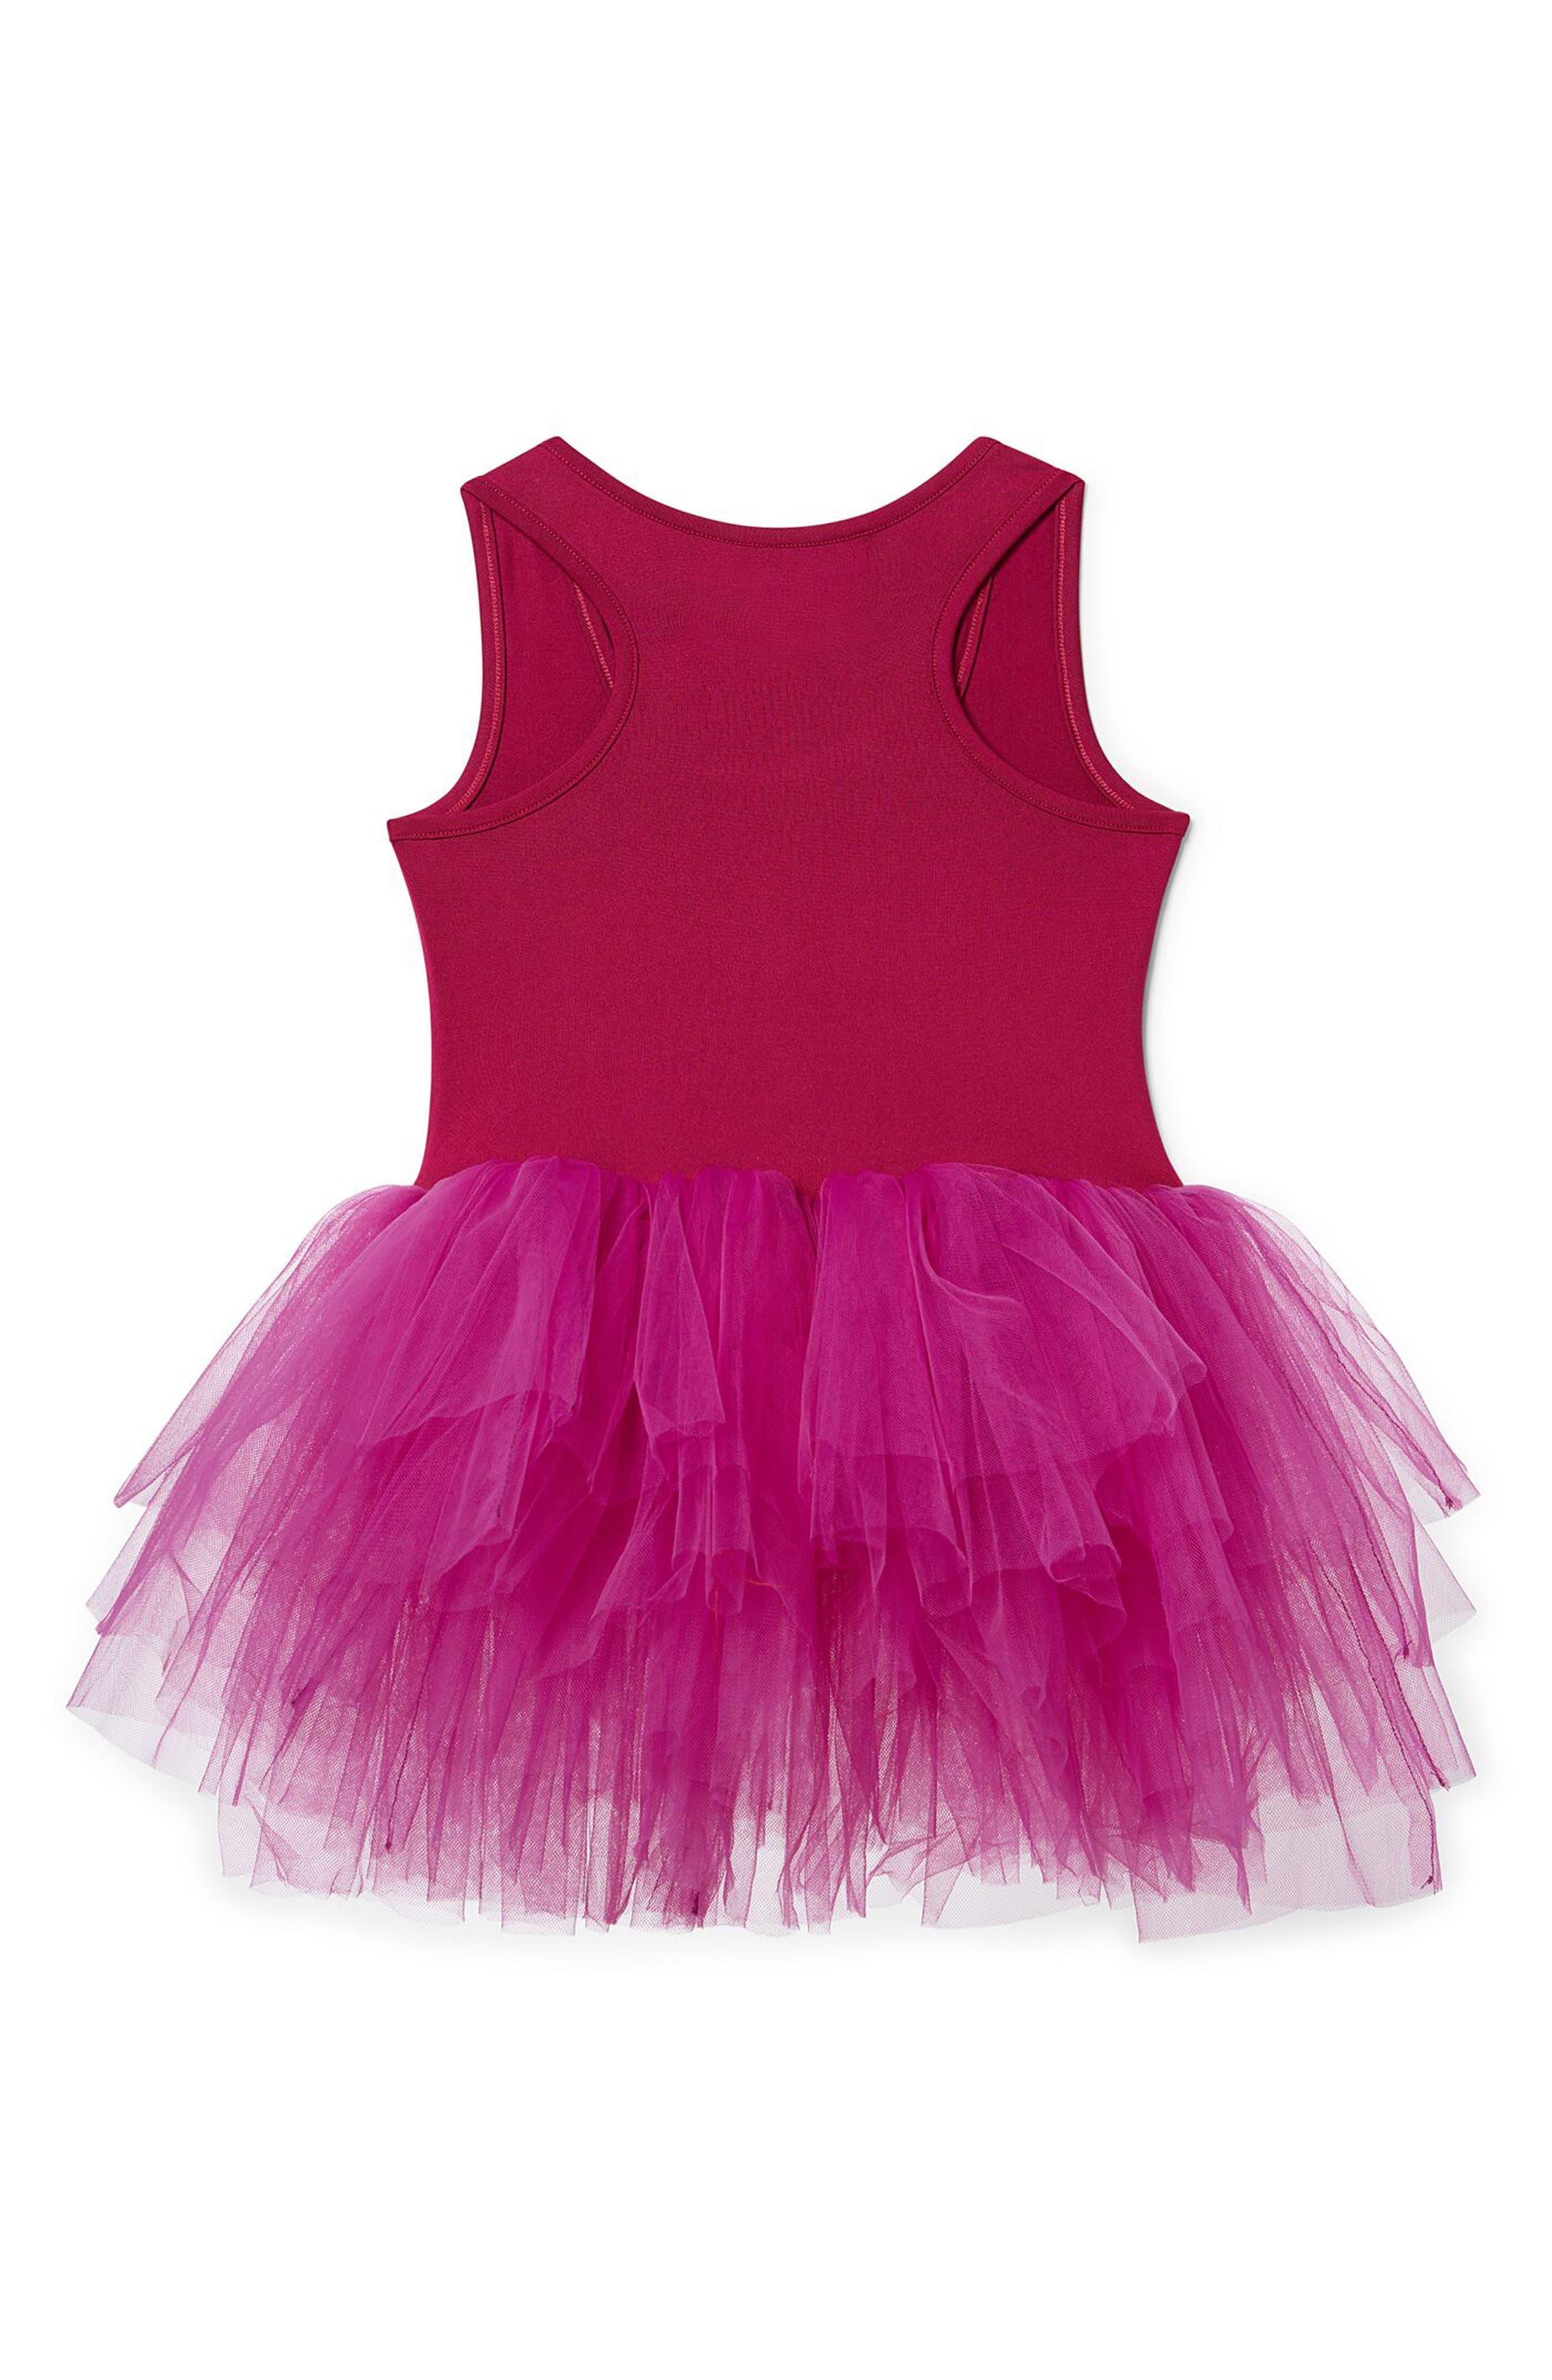 Tutu Dress,                             Alternate thumbnail 2, color,                             650